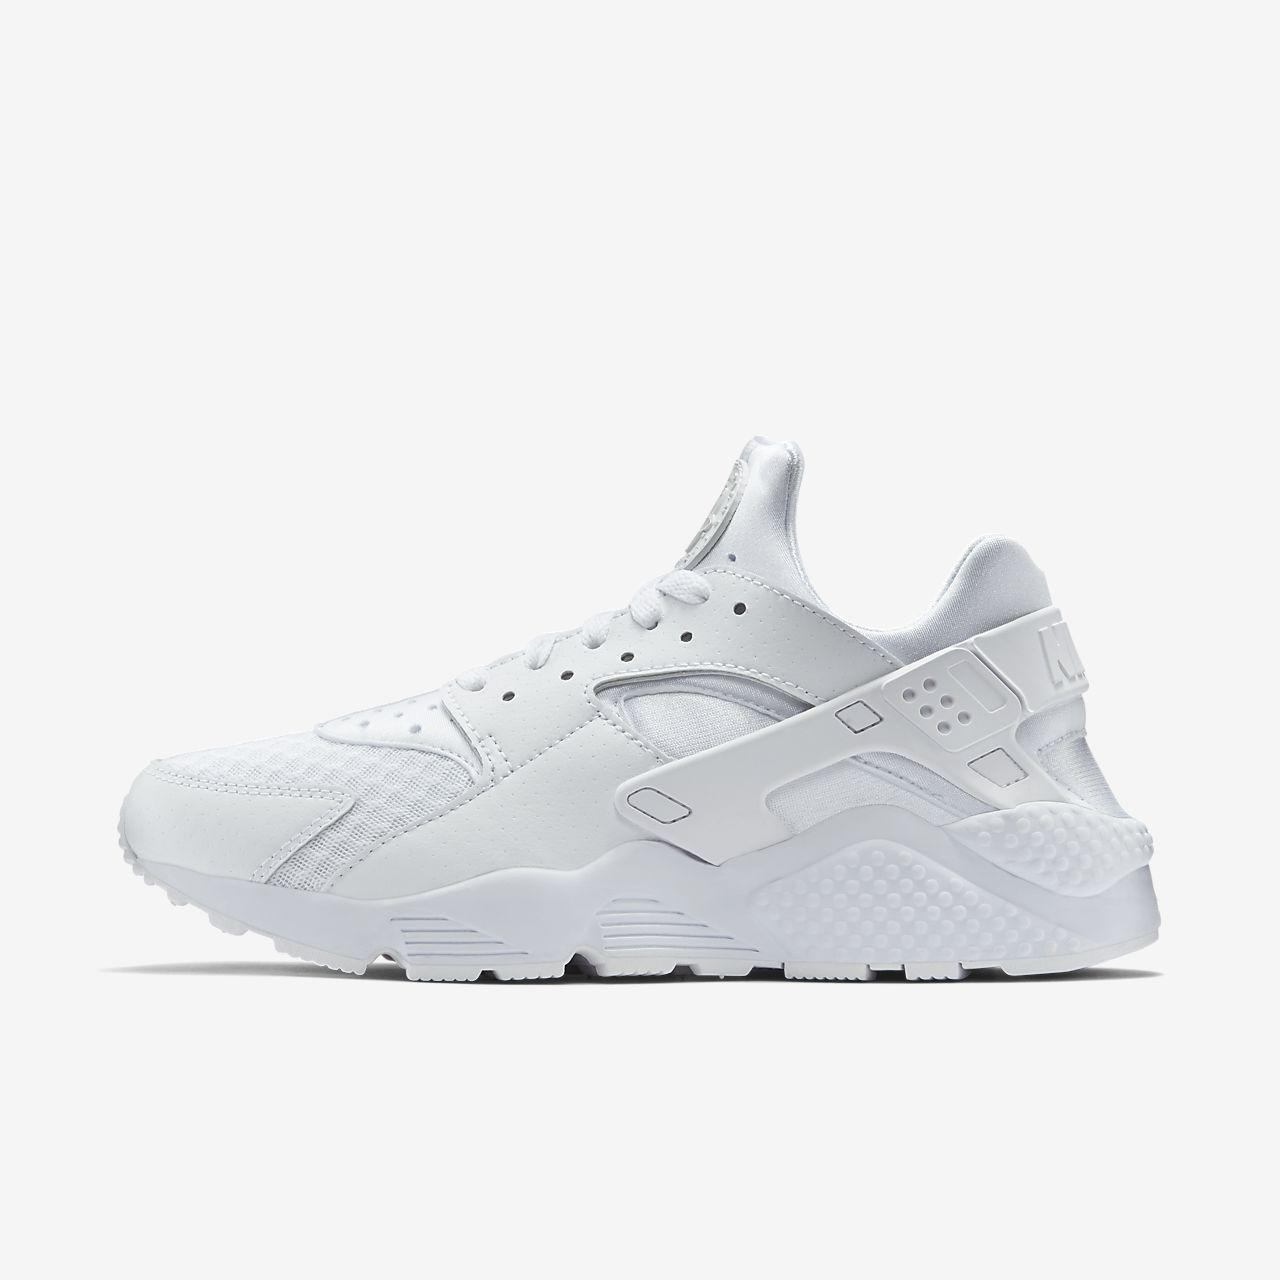 ... Nike Air Huarache Men's Shoe